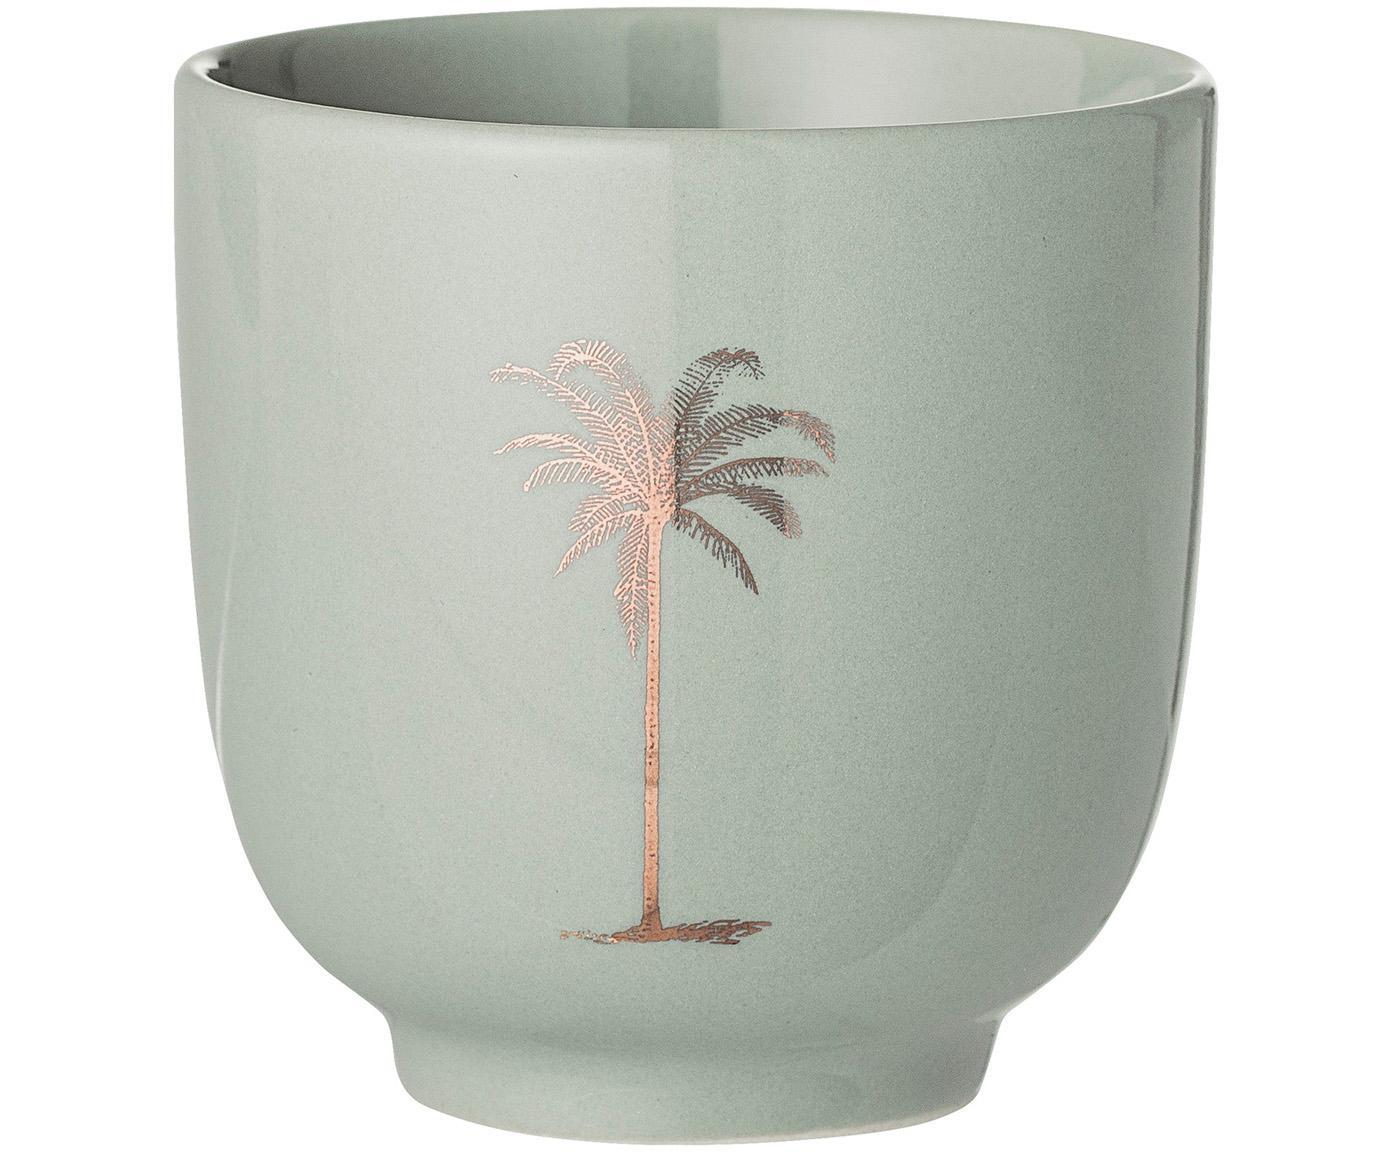 Kubek Reese, 2 szt., Ceramika, Bladozielony, odcienie miedzi, Ø 7 x W 7 cm